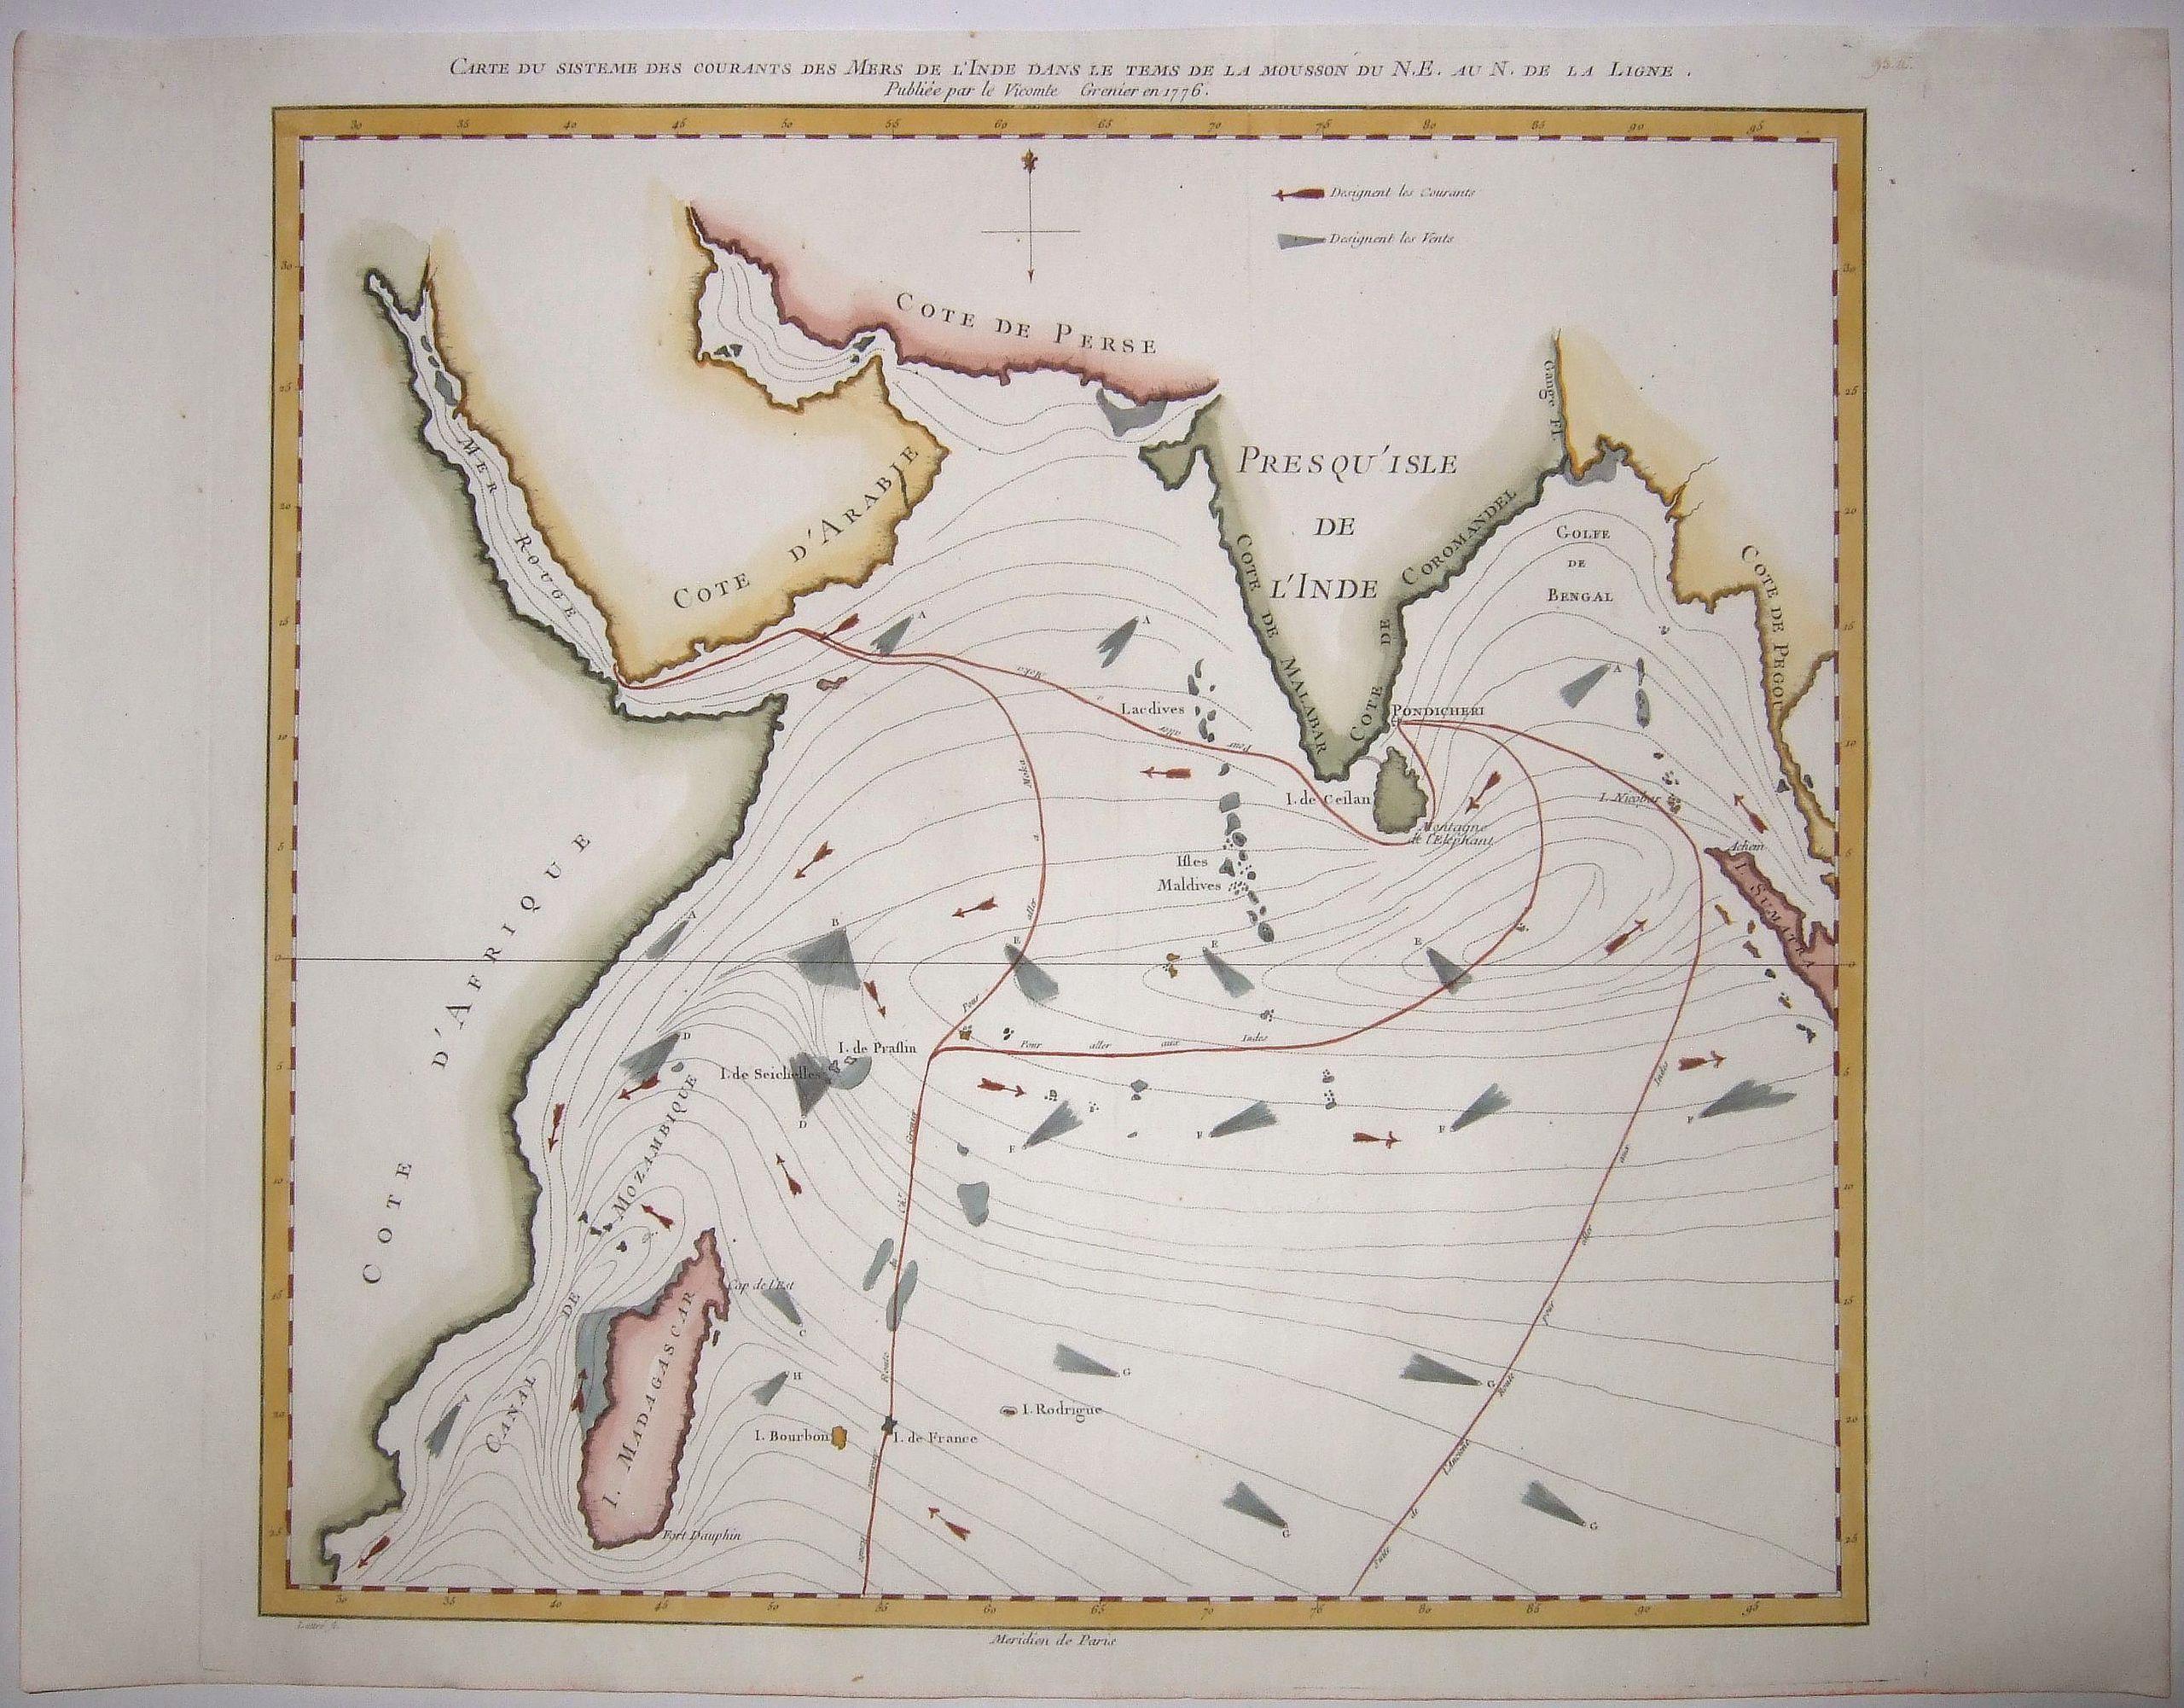 DE GRENIER,  Vicomte. - Carte du Sisteme des Courants des Mers de l'Inde dans le Tems de la Mousson du N.E. au N. de la Ligne, Publie. . .